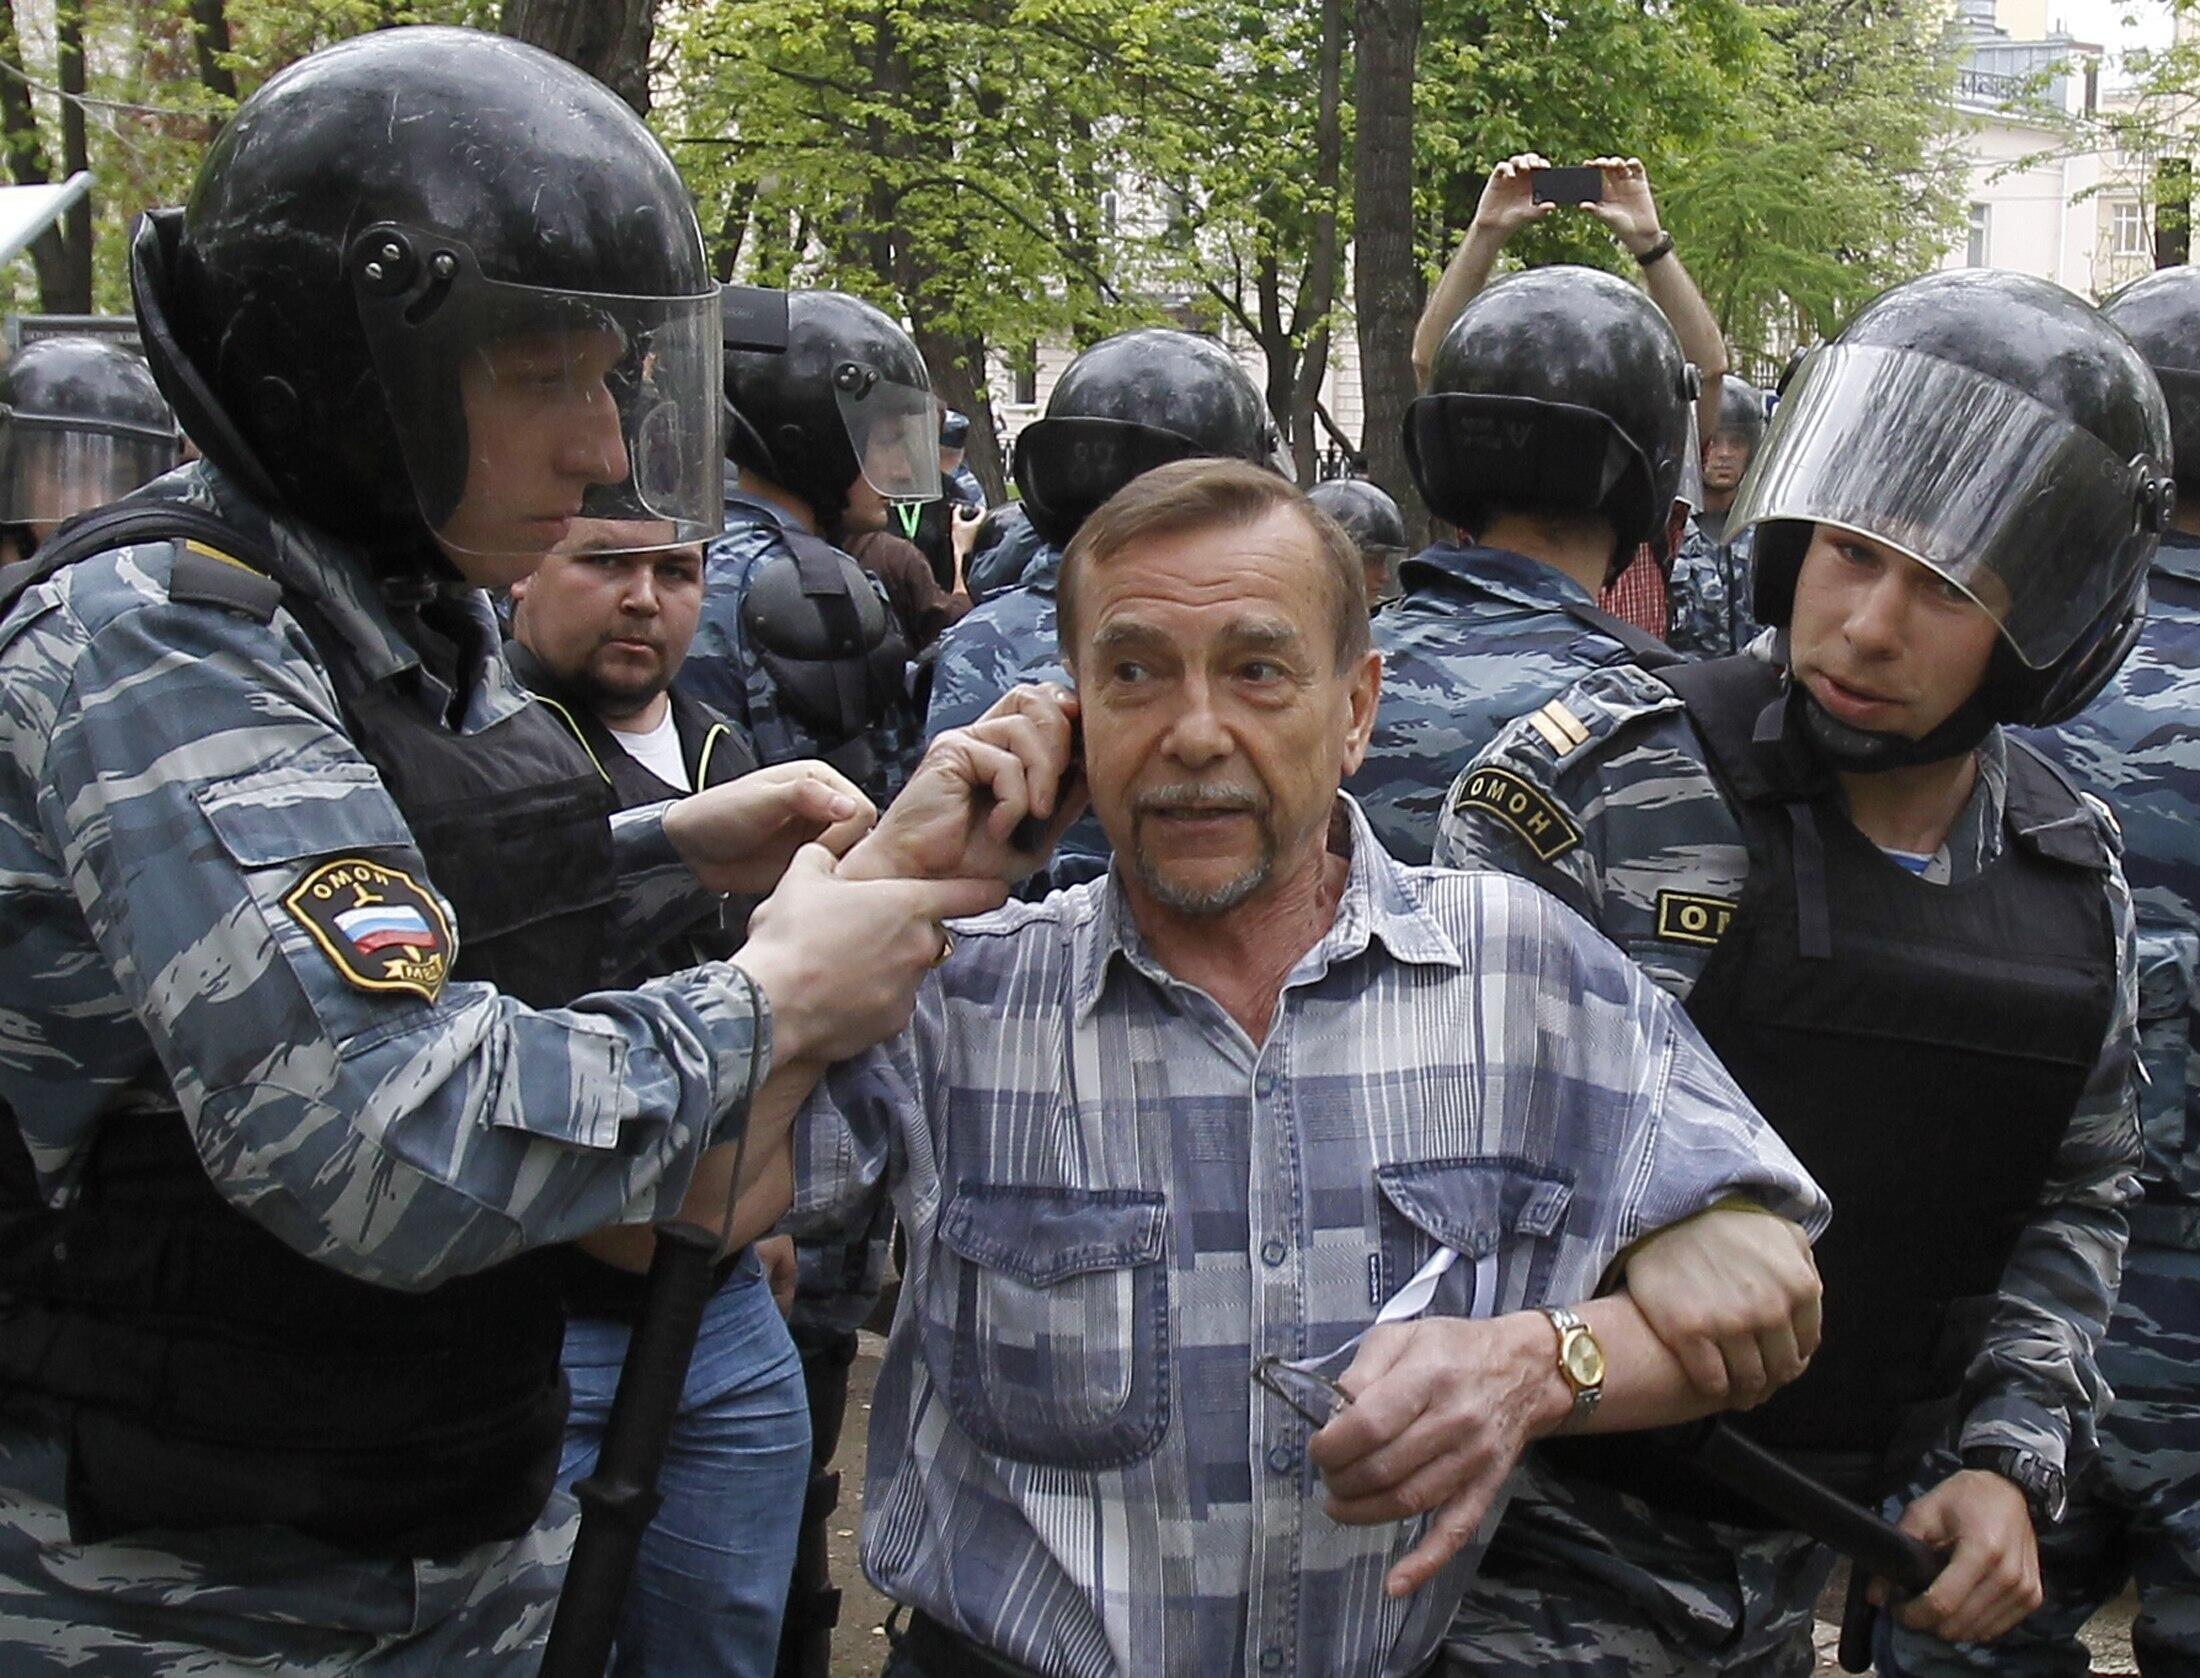 Задержание Льва Пономарева, Москва, 7 мая, 2012 года